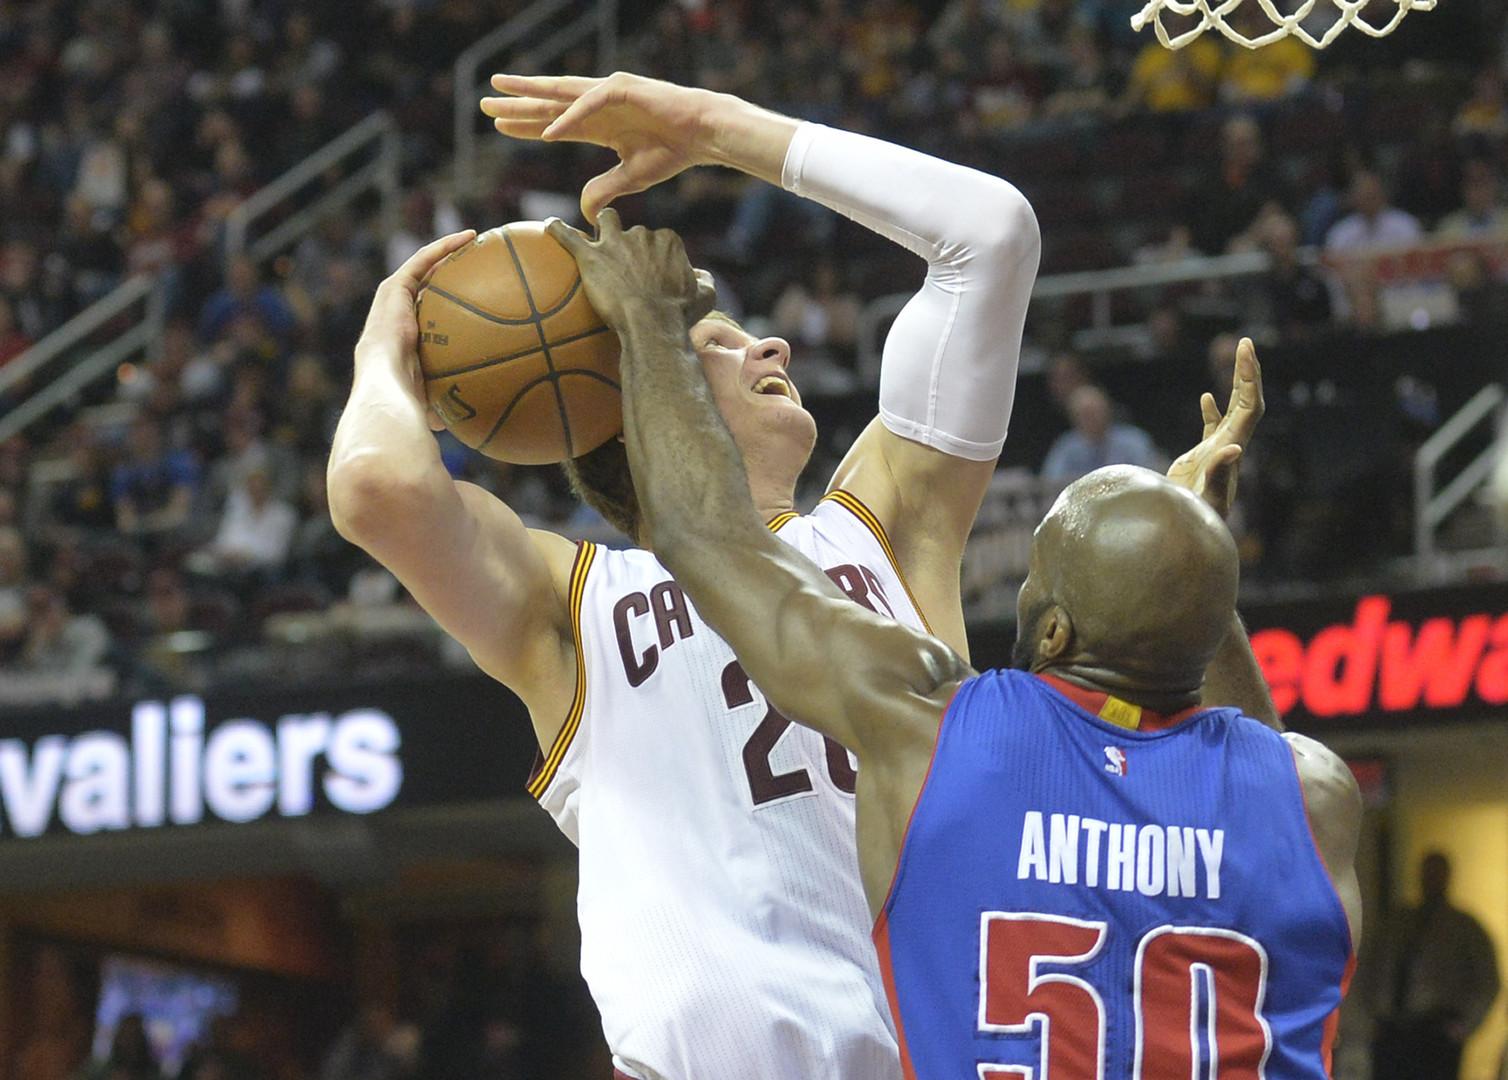 Тимофей Мозгов и Александр Каун стали первыми чемпионами НБА из России